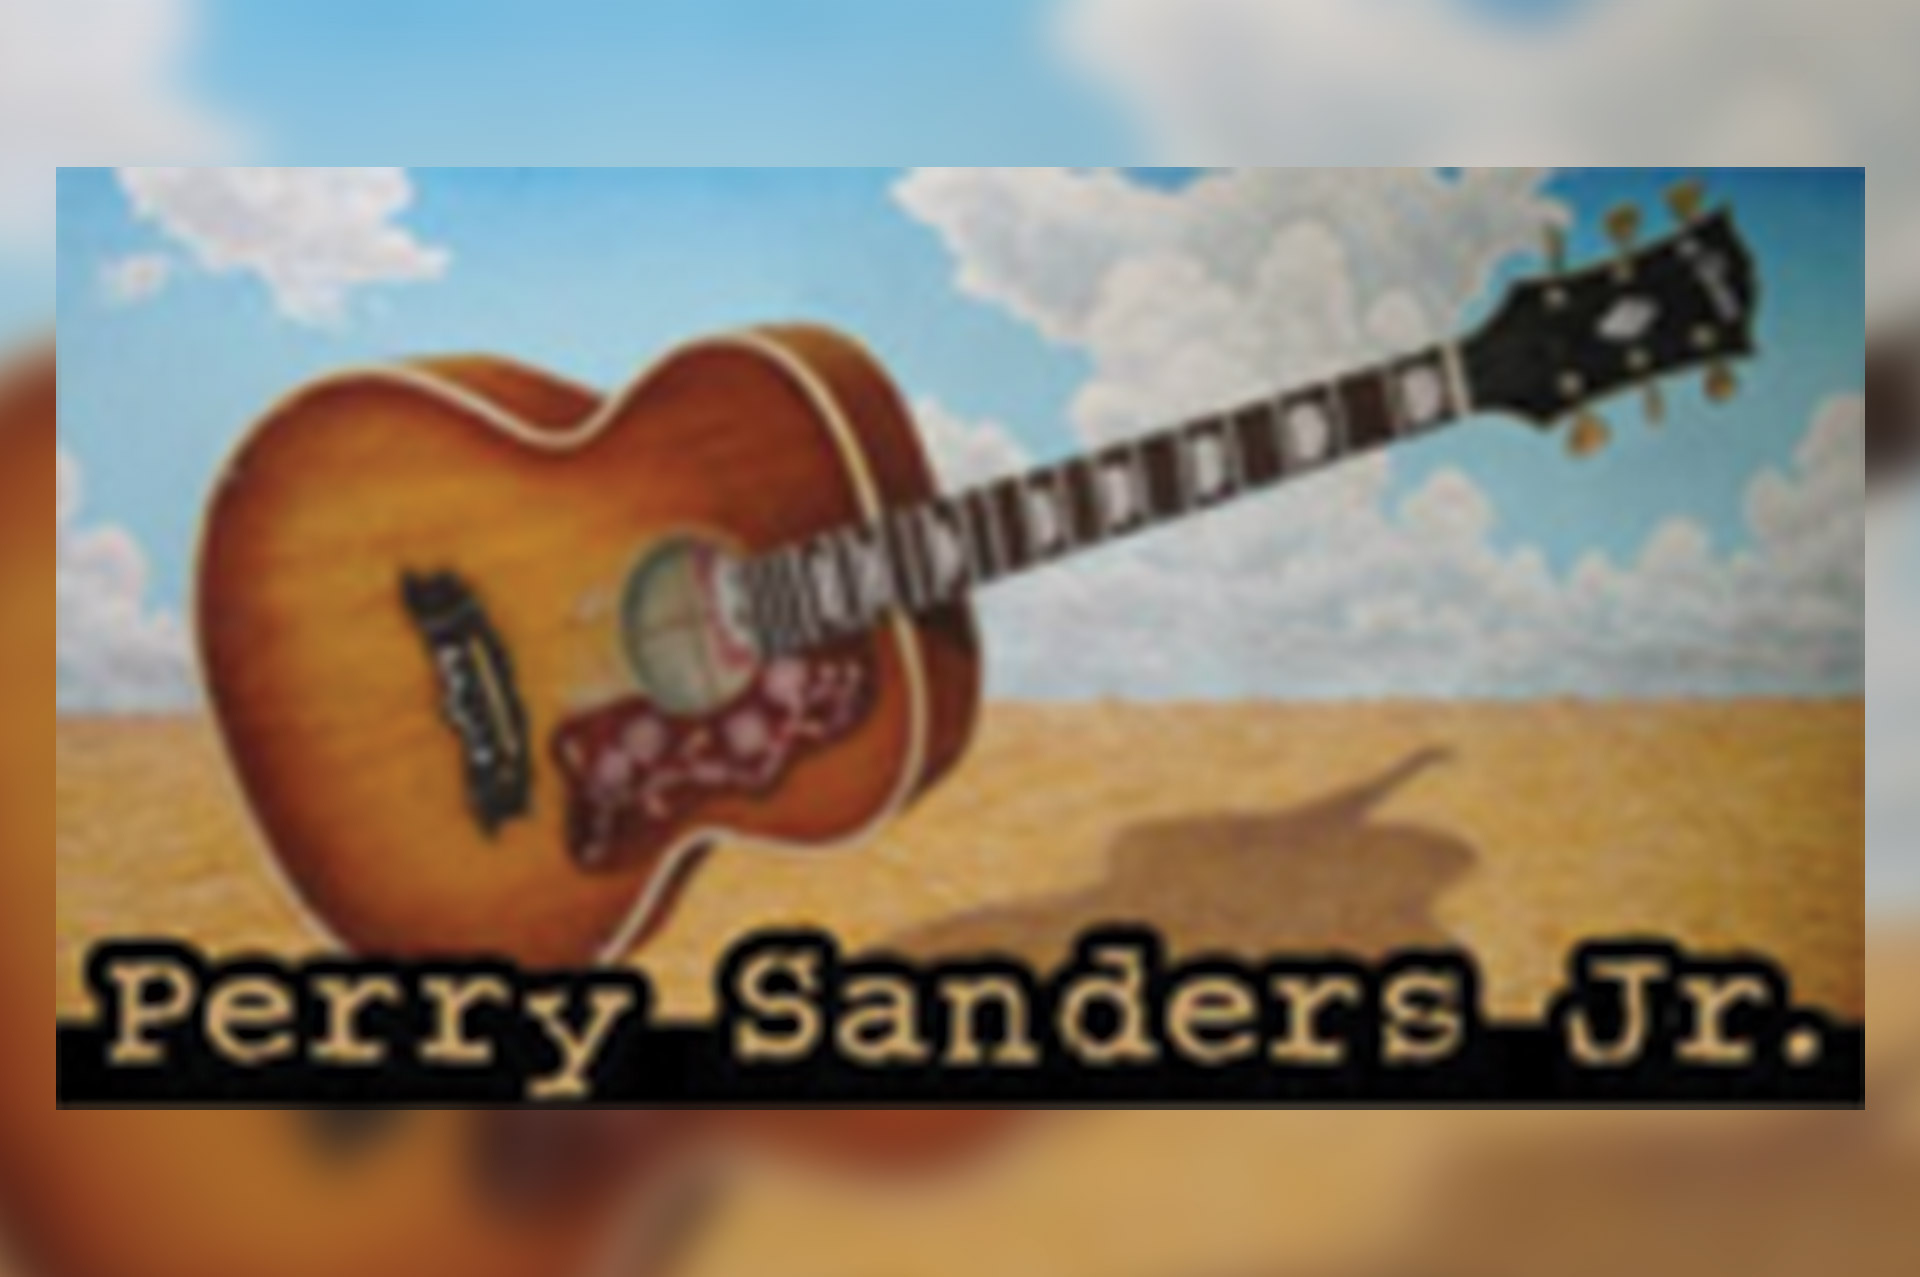 PerrySandersMusic